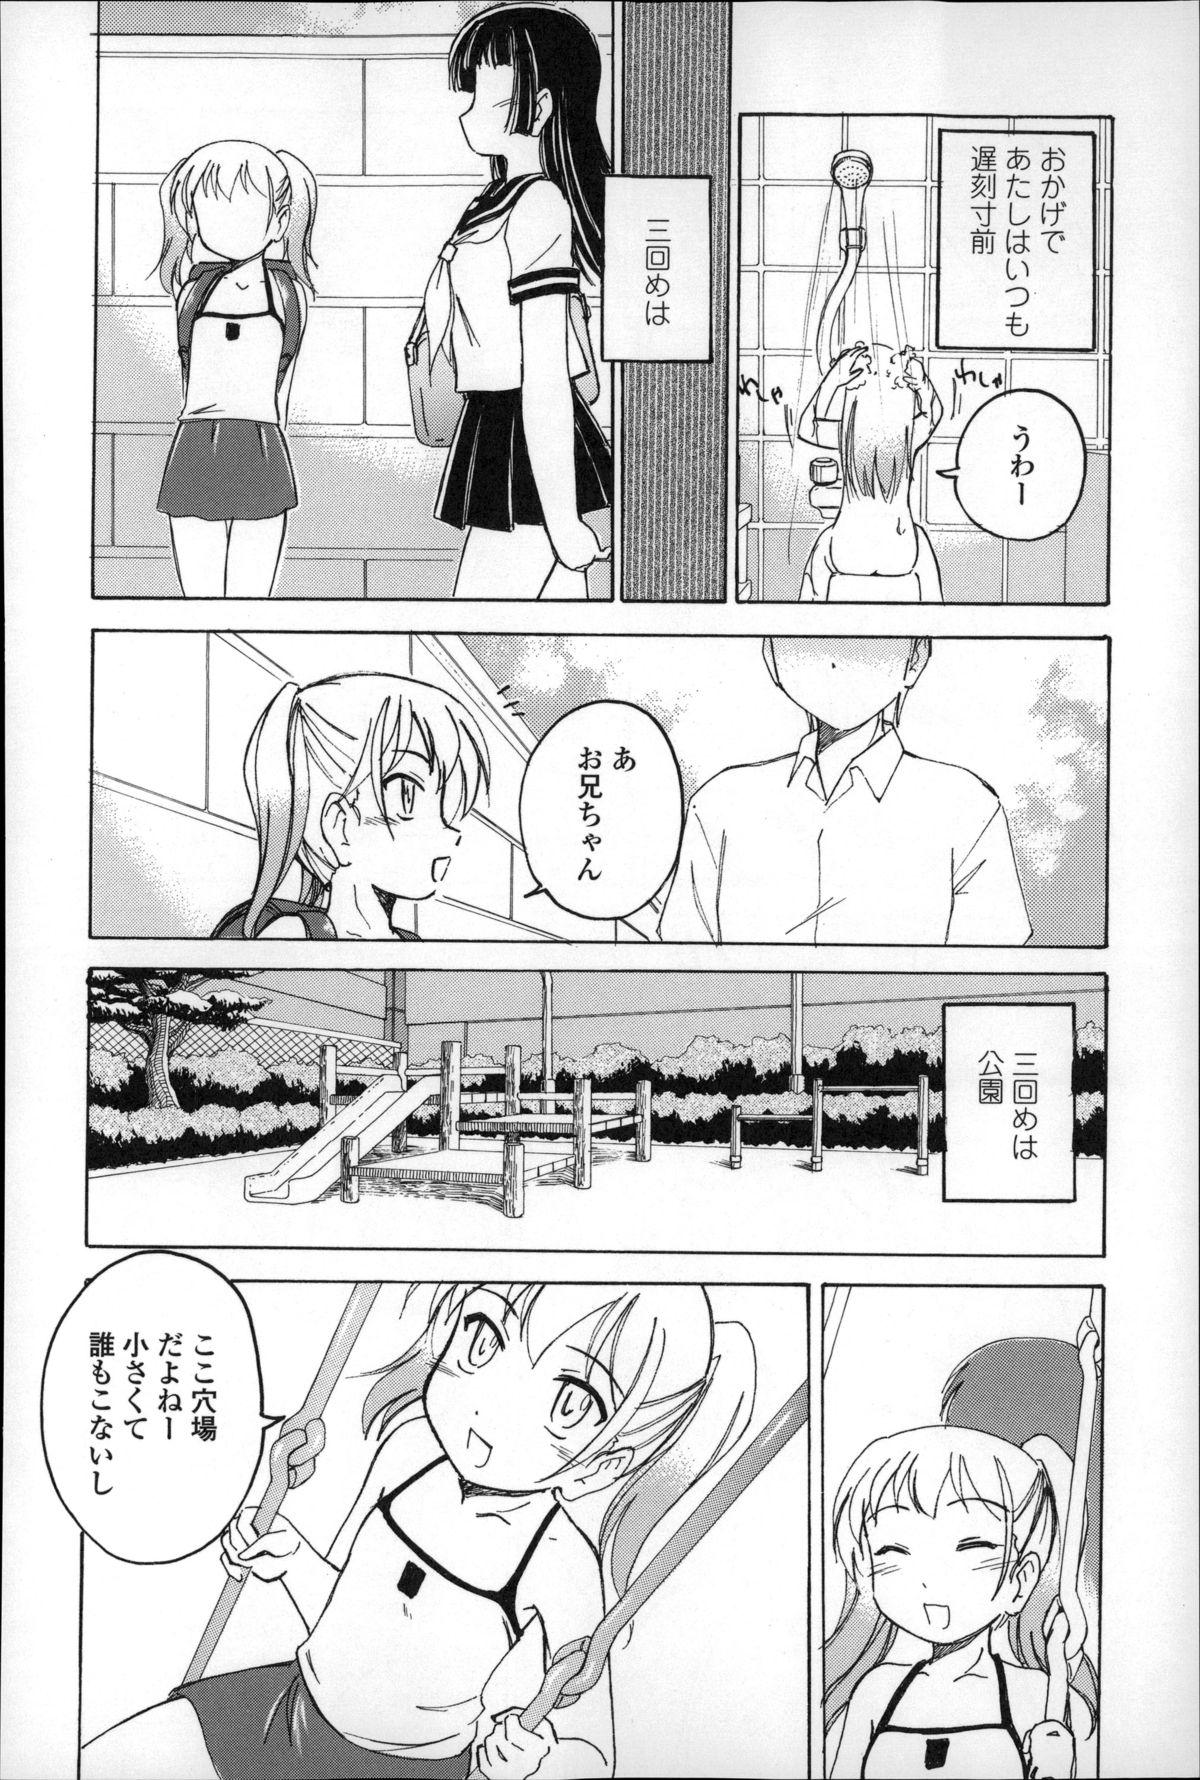 Youshou no Hana no Himitsu - The secret of Girls flowers 159